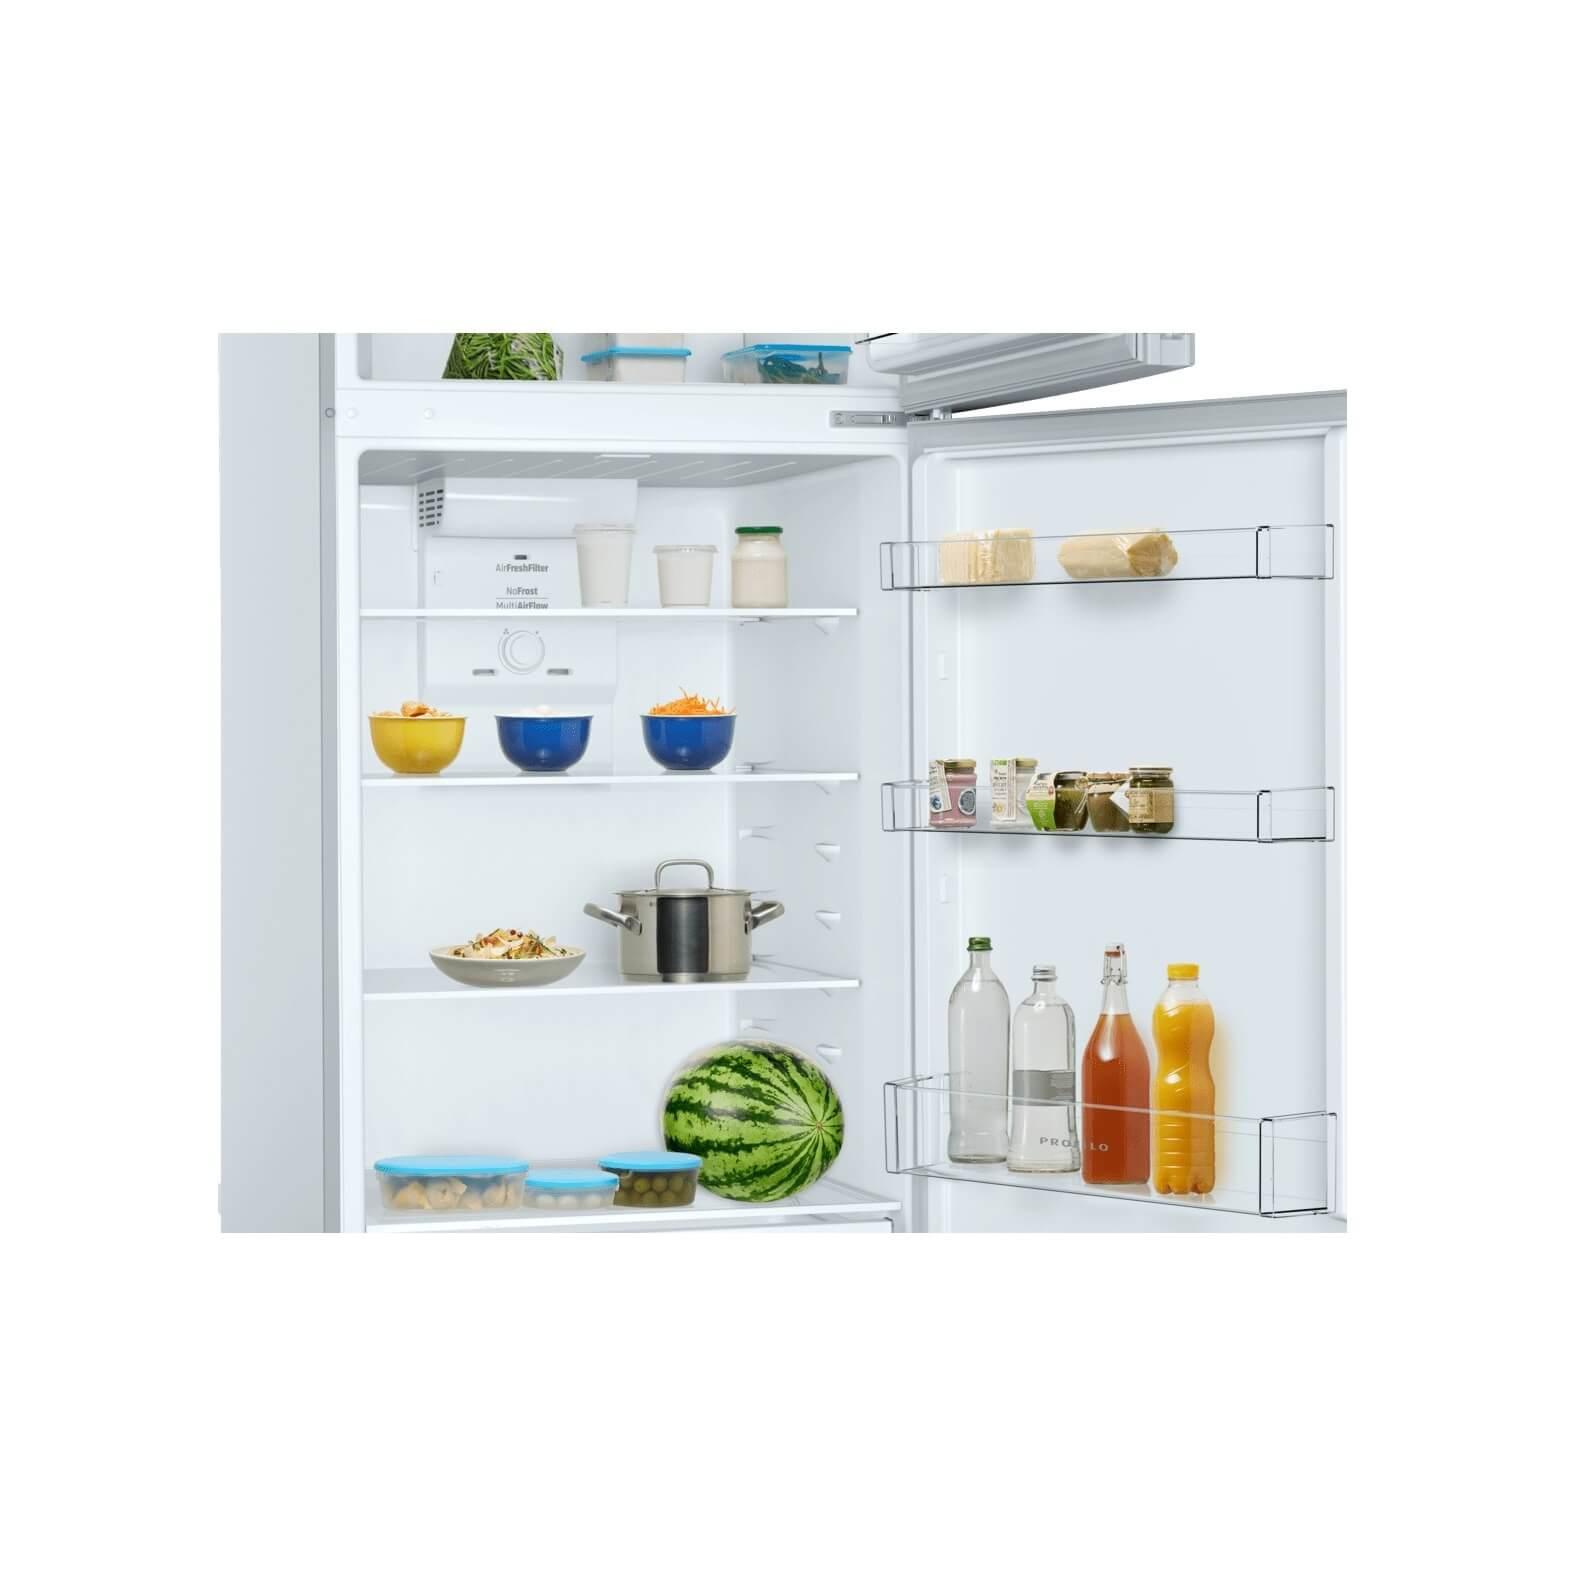 Profilo BD20551FVN buzdolabi